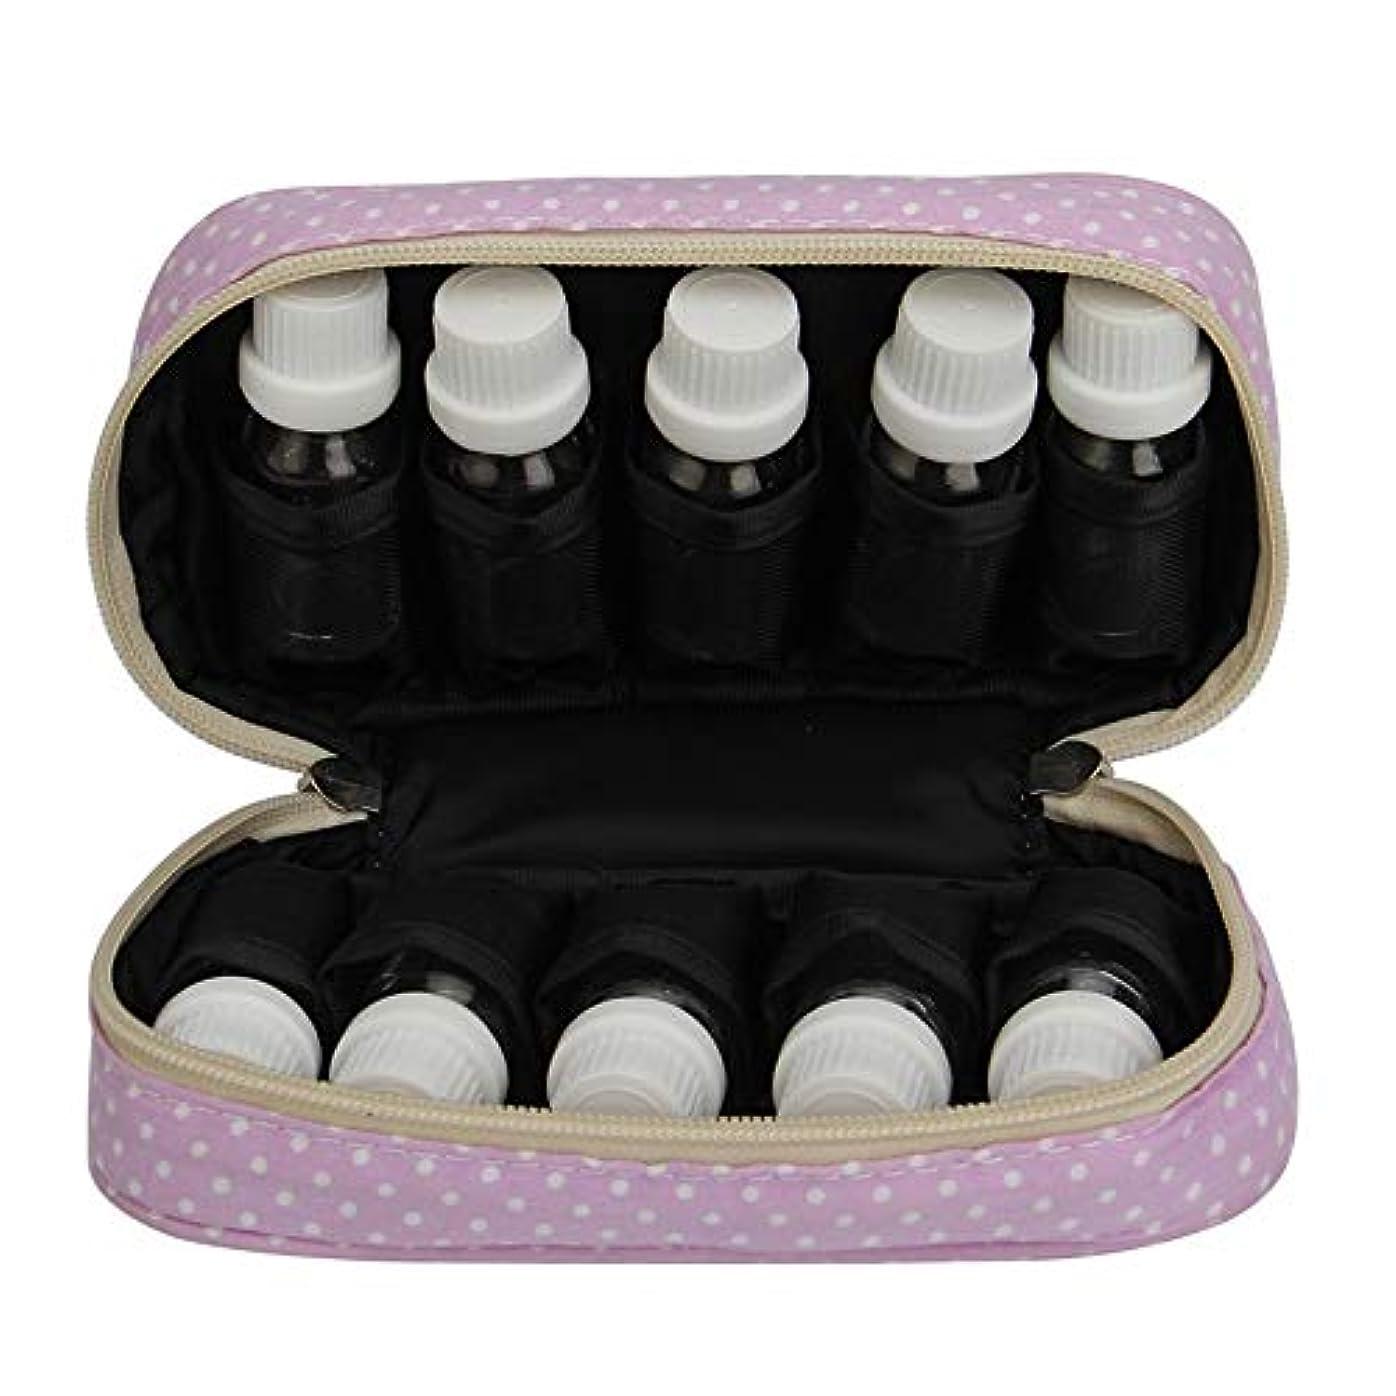 豪華な安息必要性エッセンシャルオイル収納ボックス エッセンシャルオイルキャリングケースは、10本のボトル10-15MLトラベルオーガナイザーポーチバッグを開催します (色 : 紫の, サイズ : 18.5X11X5CM)